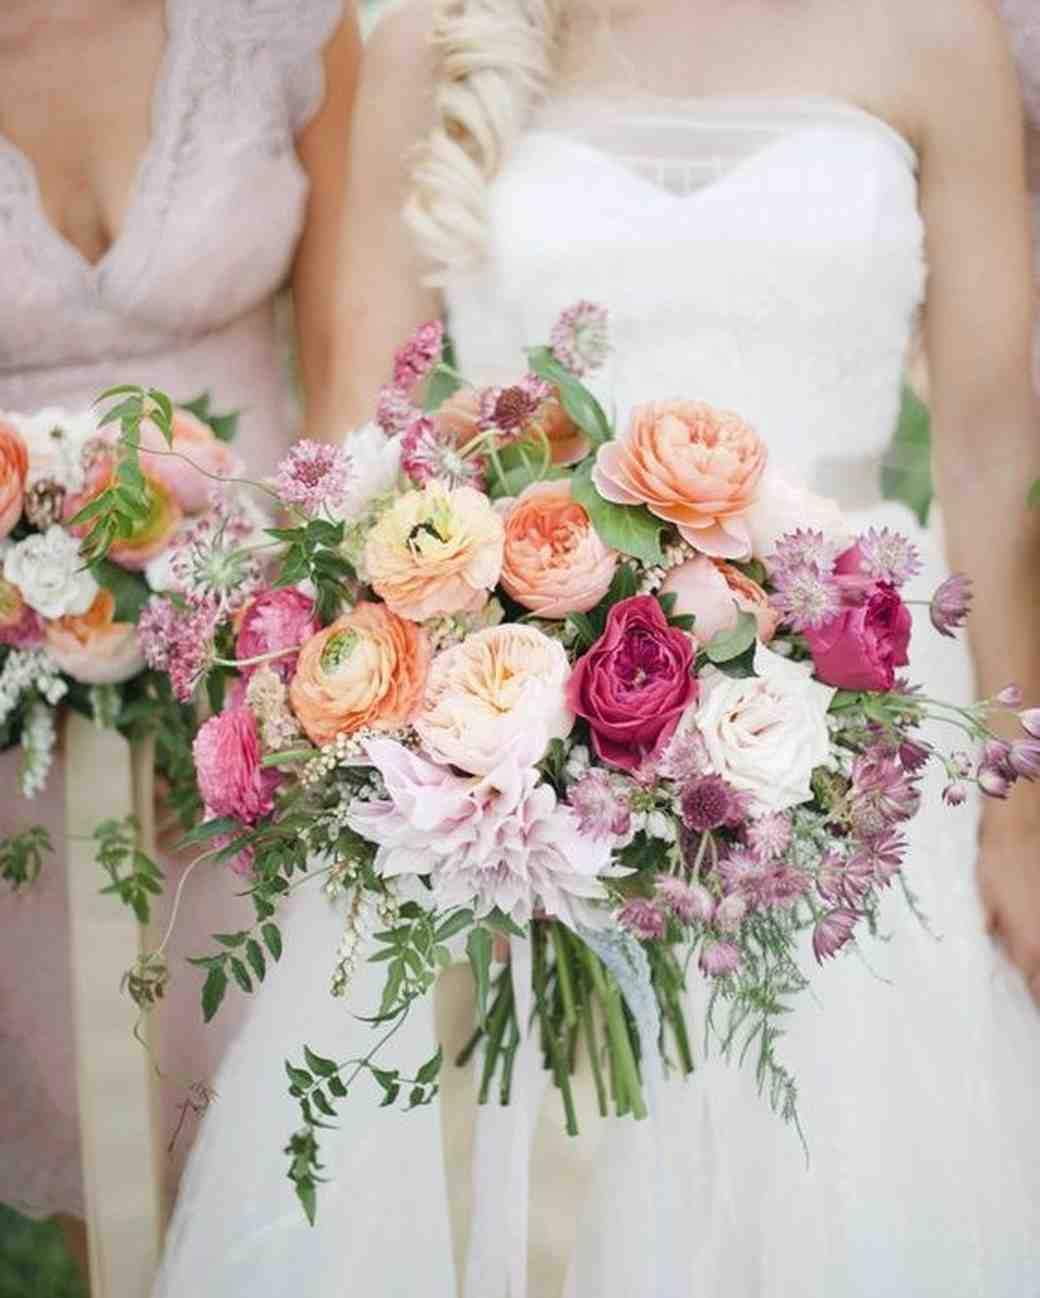 Dahlia Wedding Flowers Snow412info